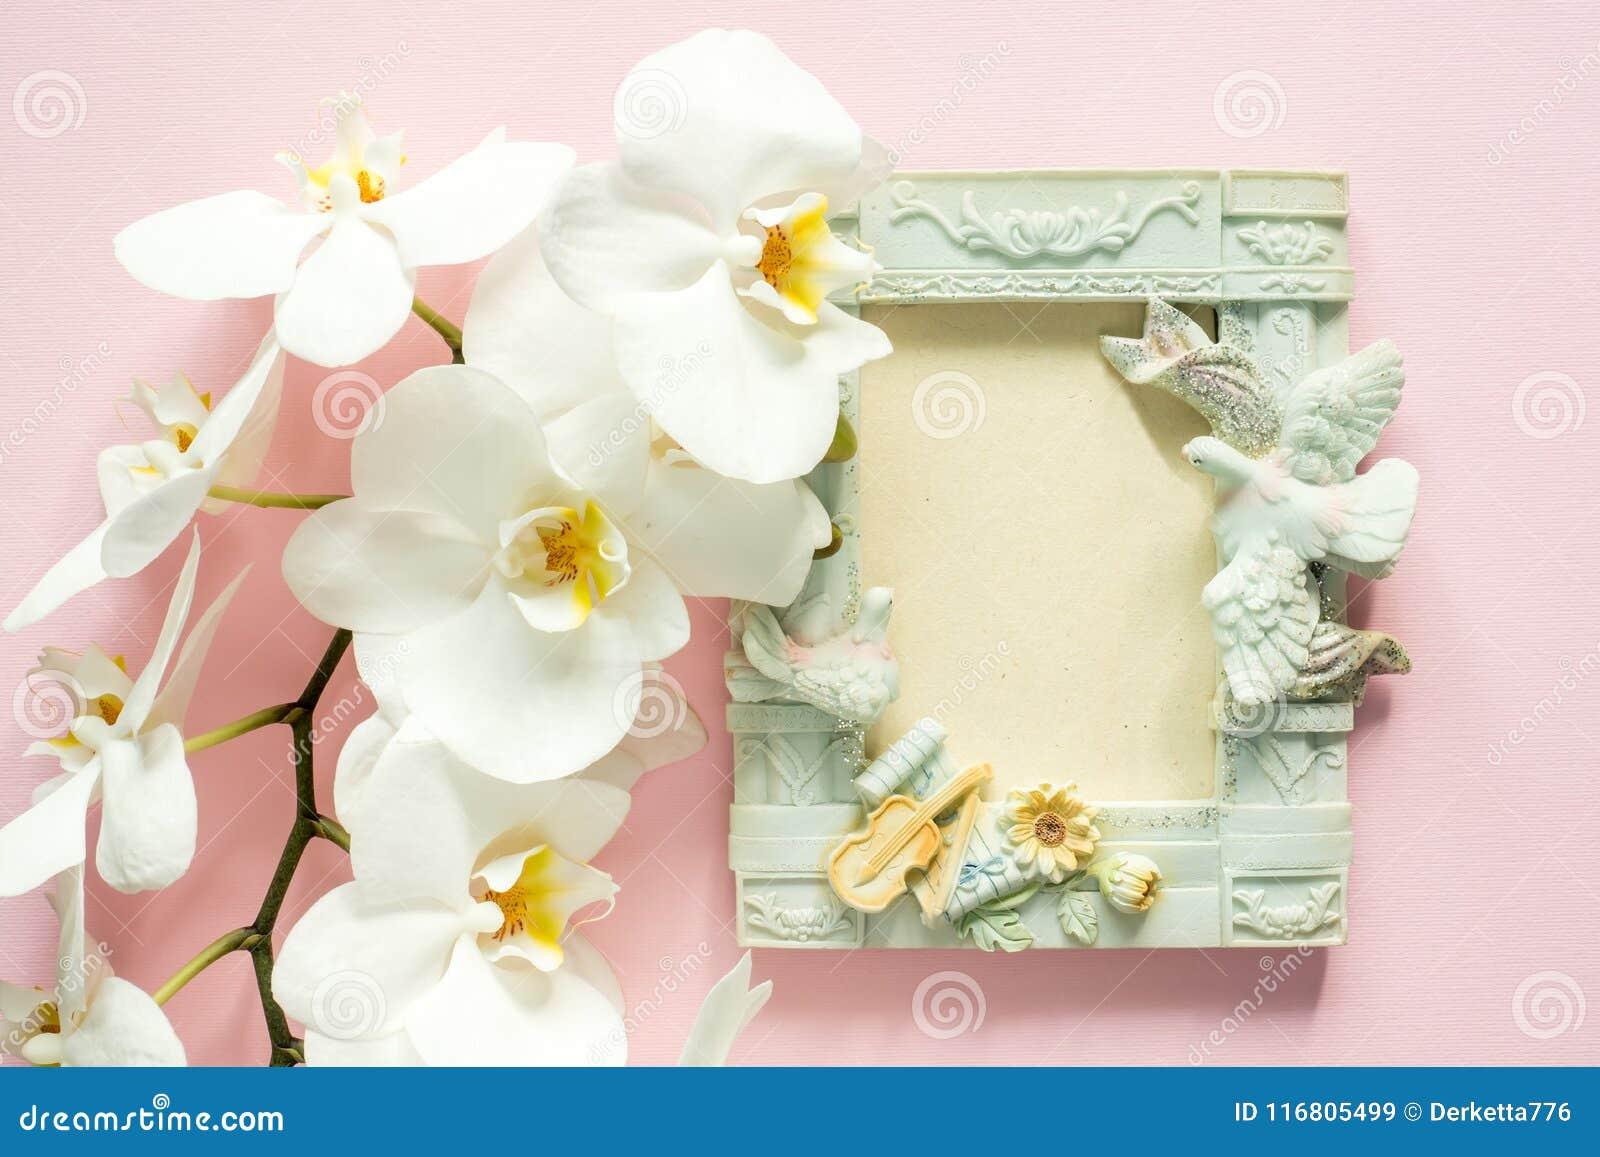 Orchidea bianca e una bella struttura vuota per testo su un fondo rosa